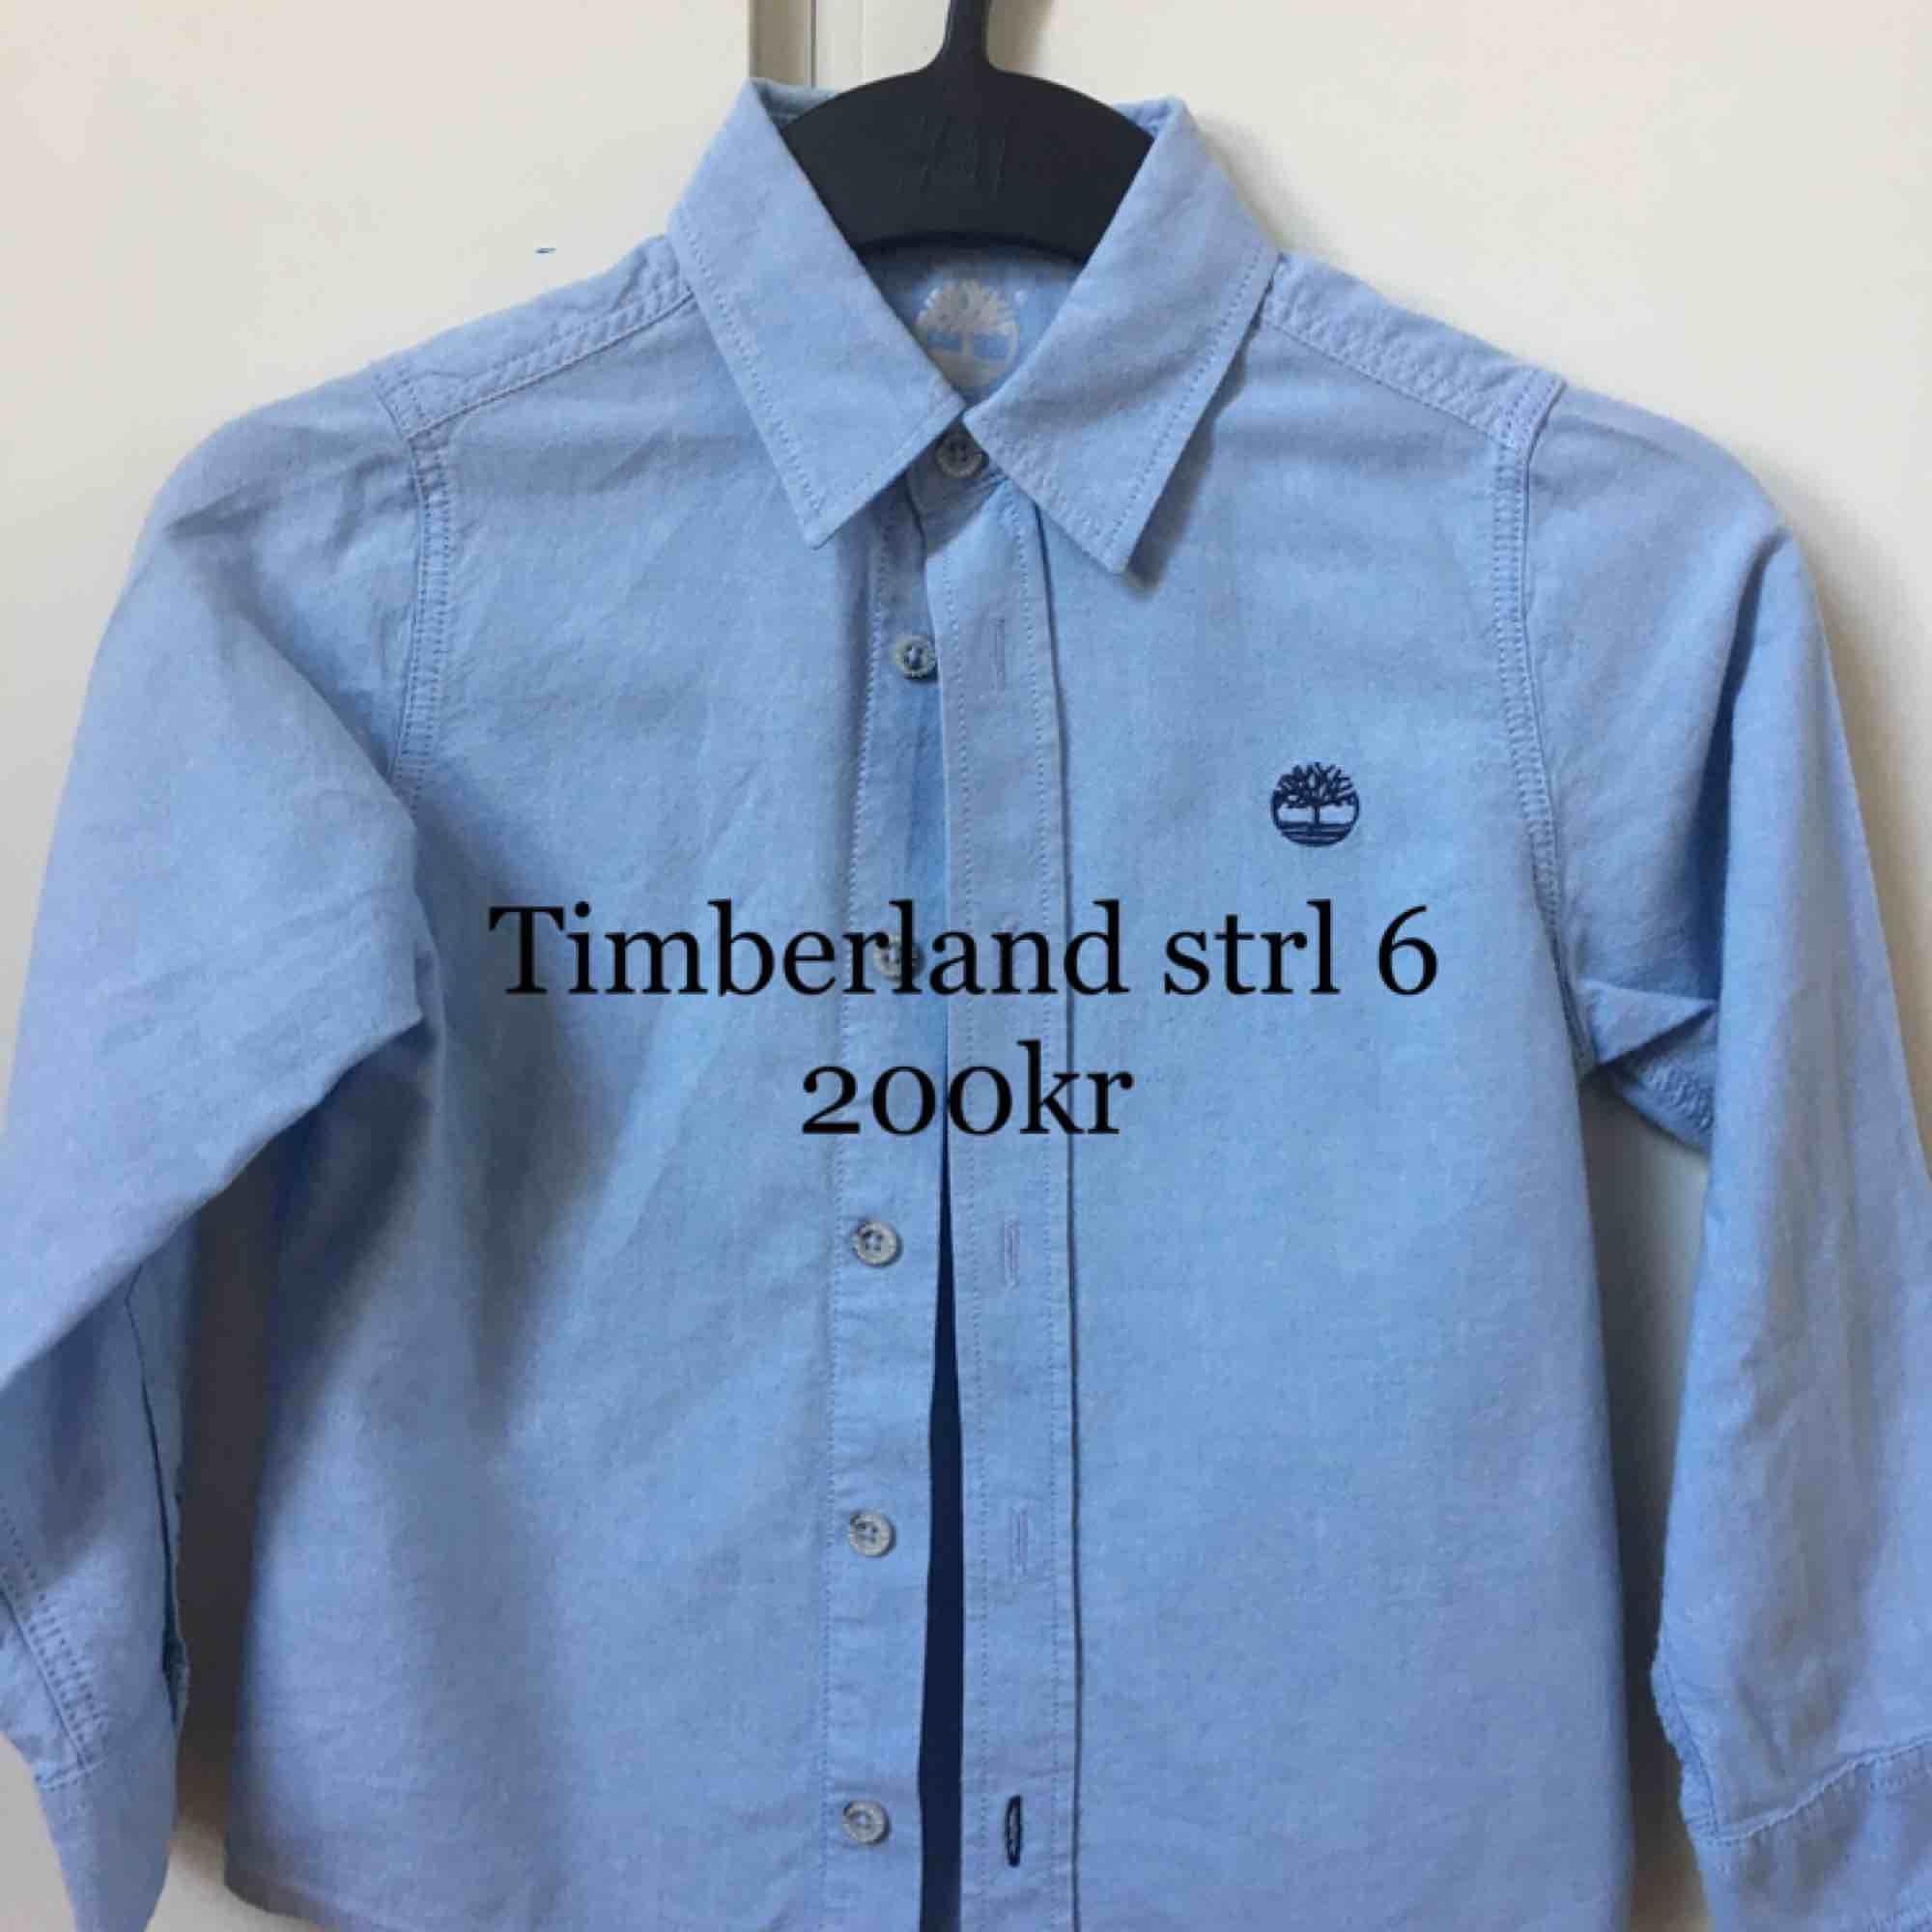 Ljusblå skjorta från Timberland, storlek 6Y, mycket fint skick. Skjortor.